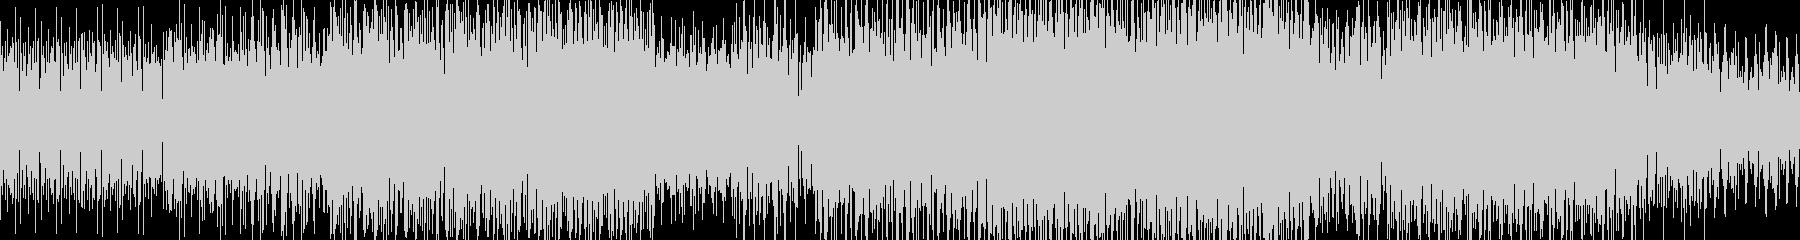 エレクトロBGM(electro)の未再生の波形